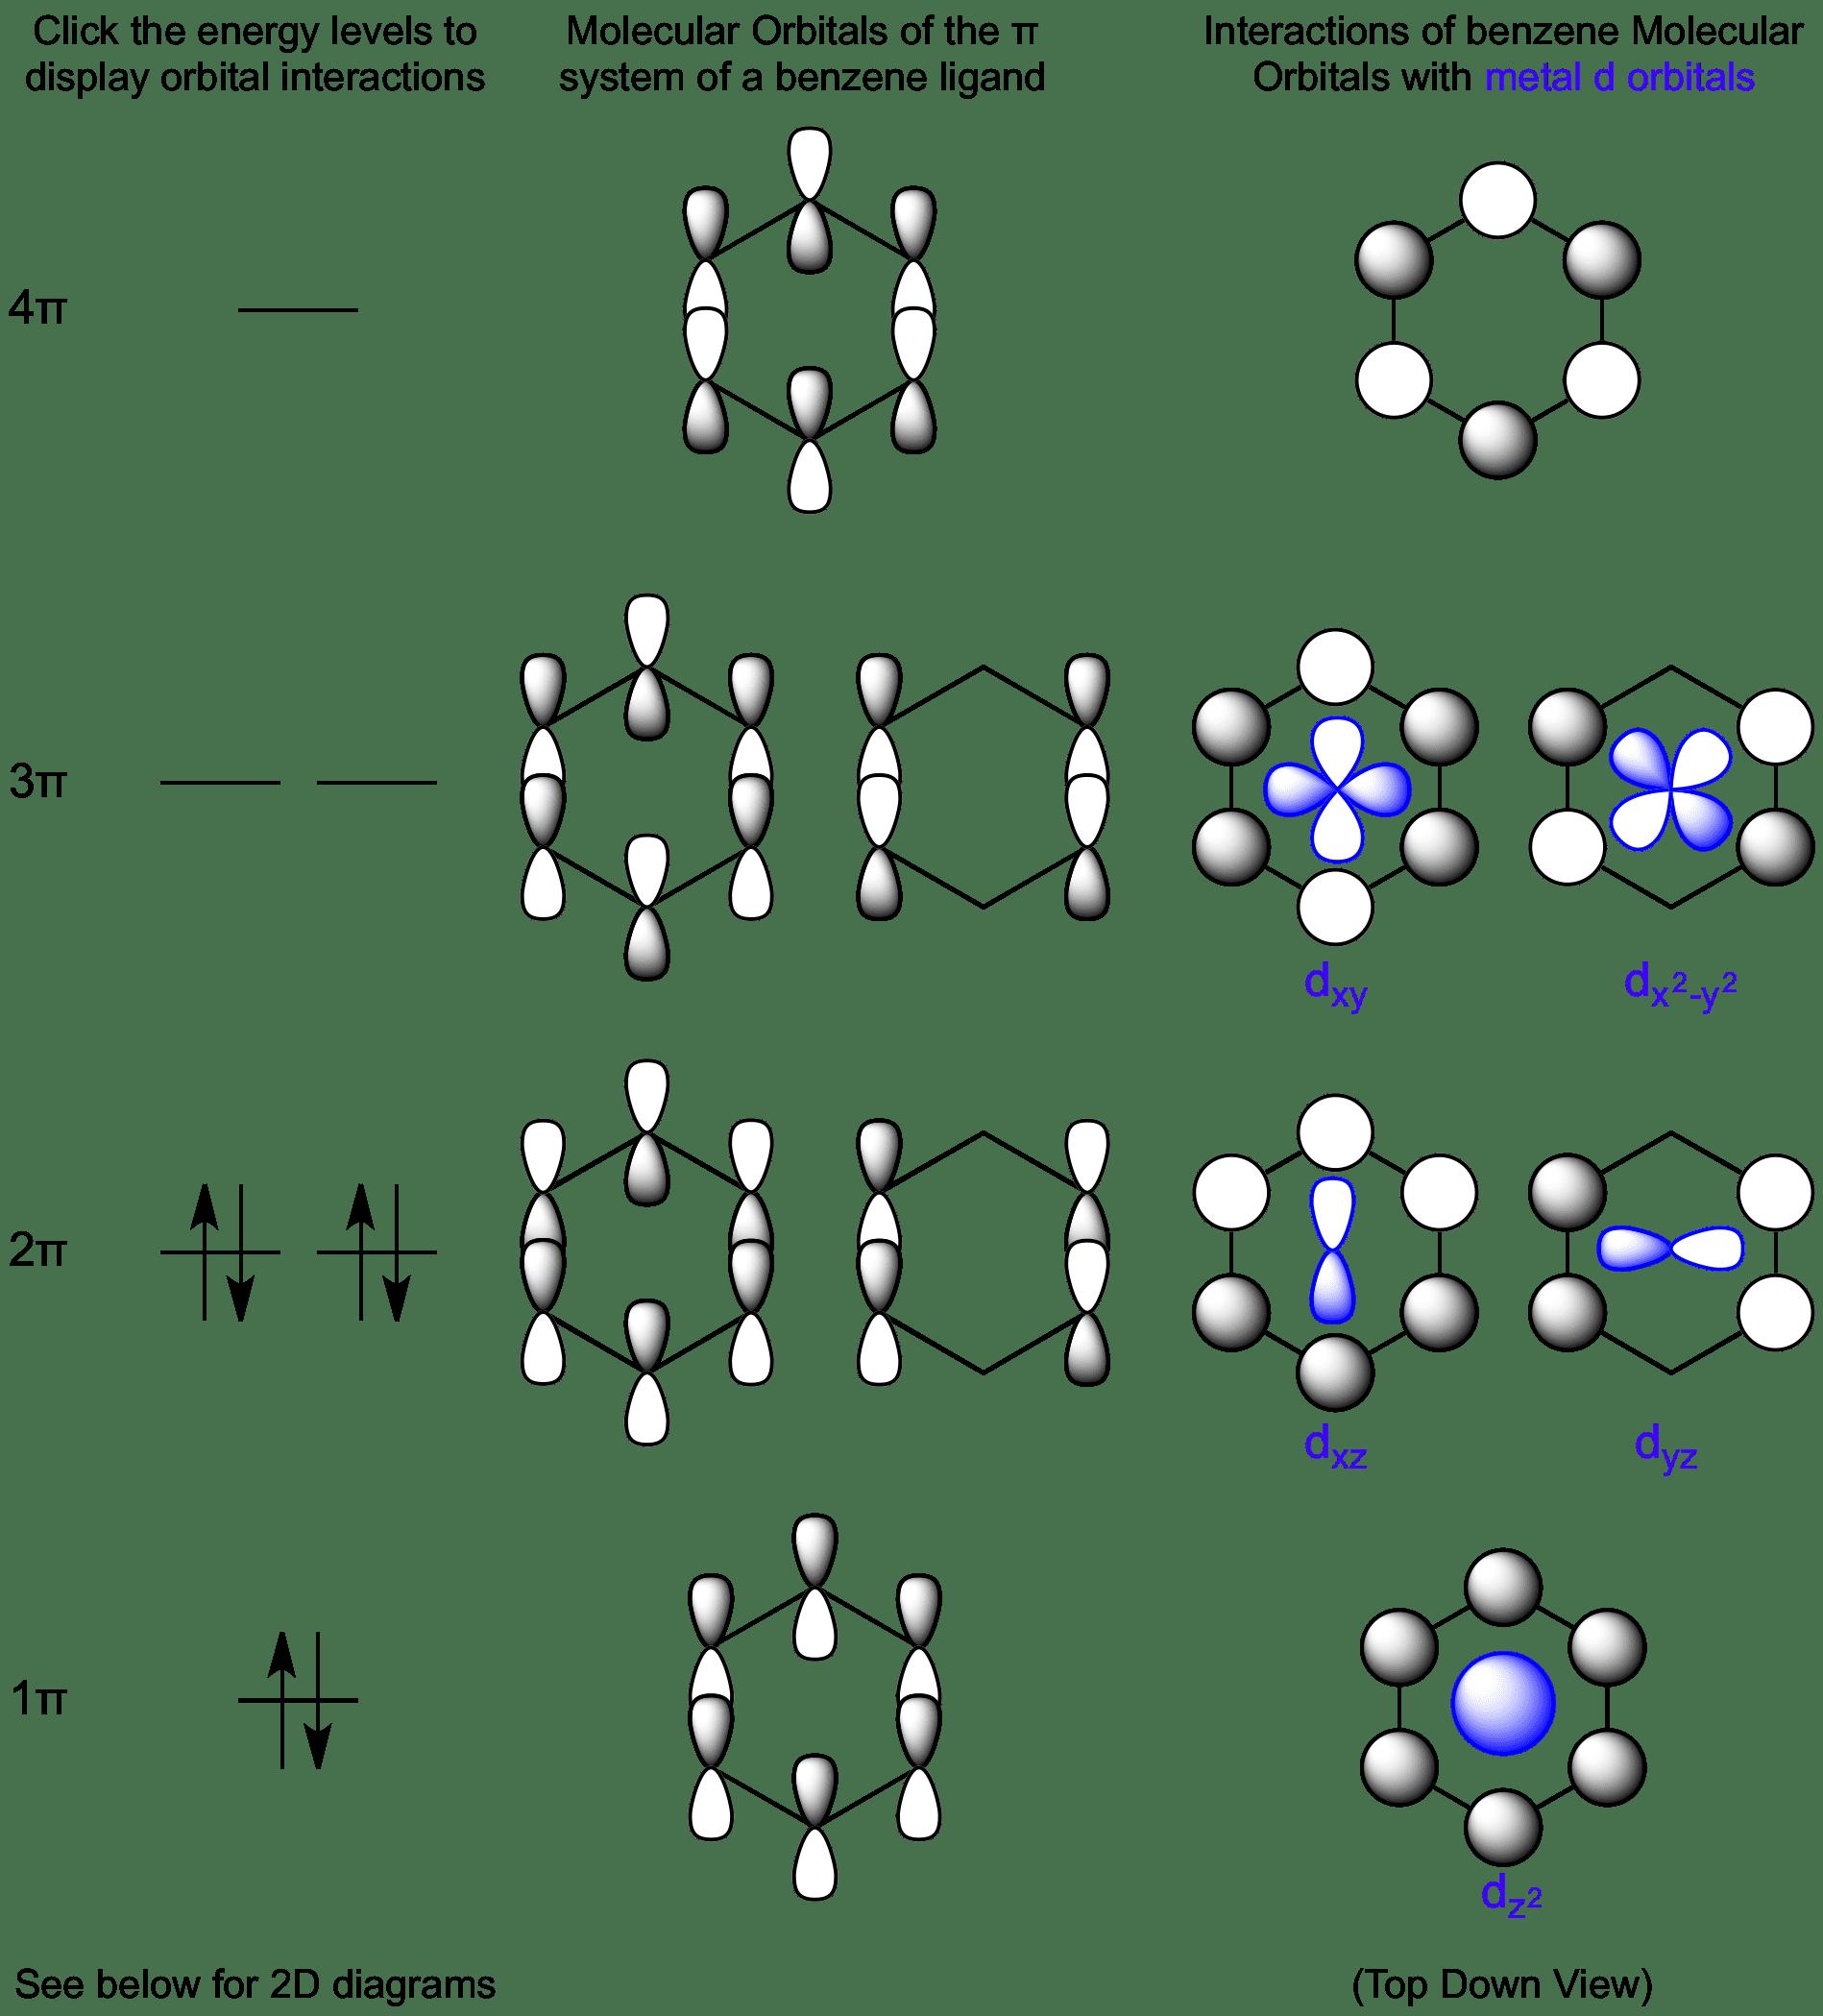 Interactions Between Benzene Molecular Orbitals And Metal